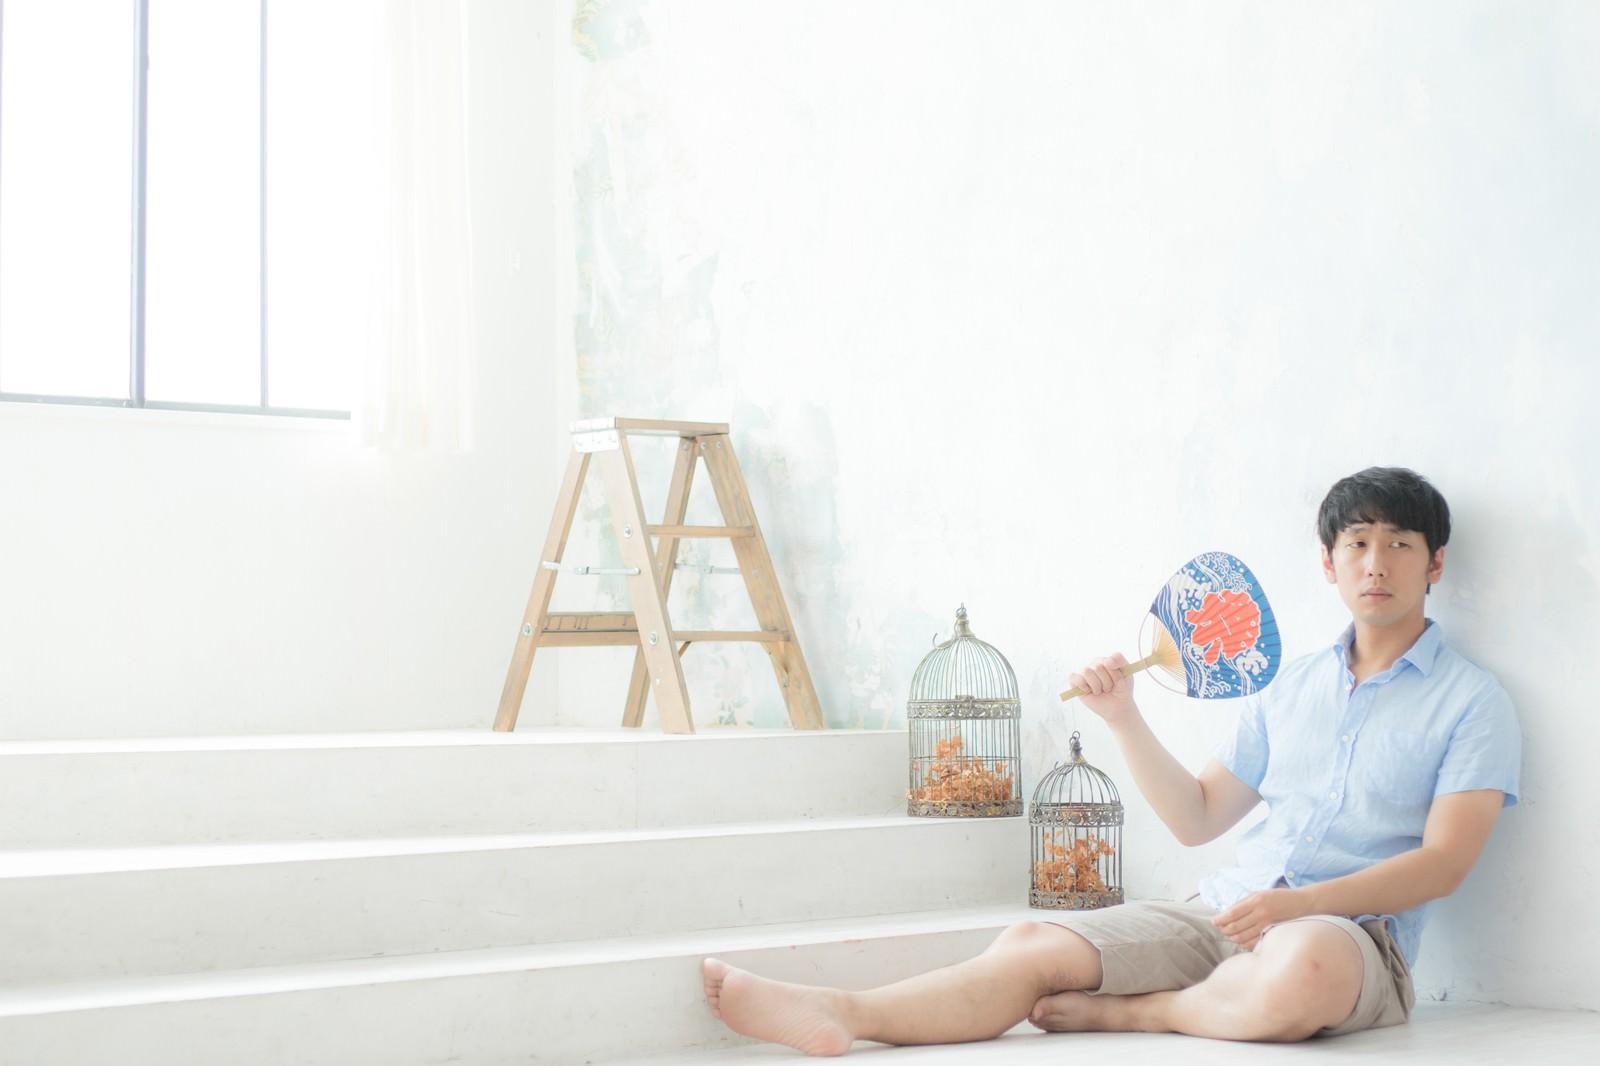 「夏祭りに誘われず部屋でボッチ」の写真[モデル:大川竜弥]